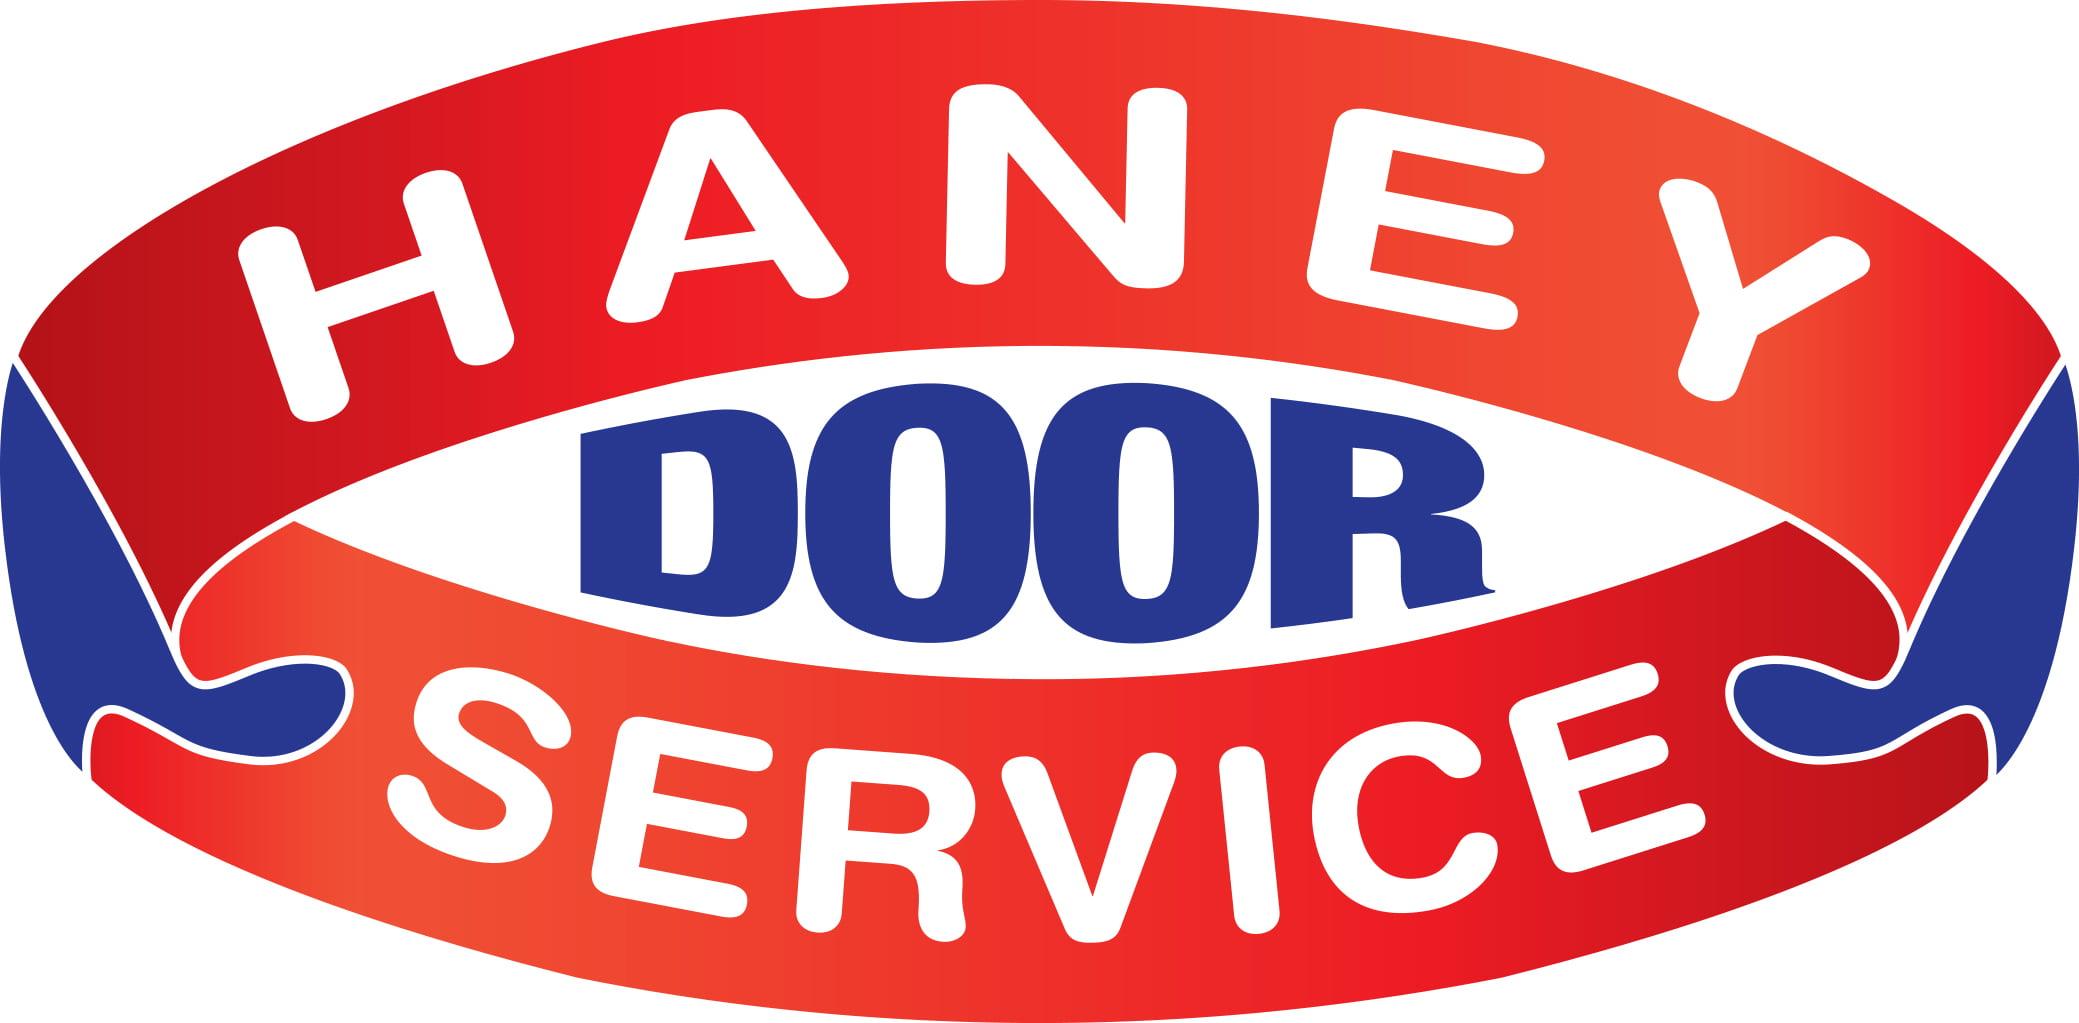 Haney Door Service: A Leading Garage Door Repair Service Provider Offers Overhead Garage Door Repairs